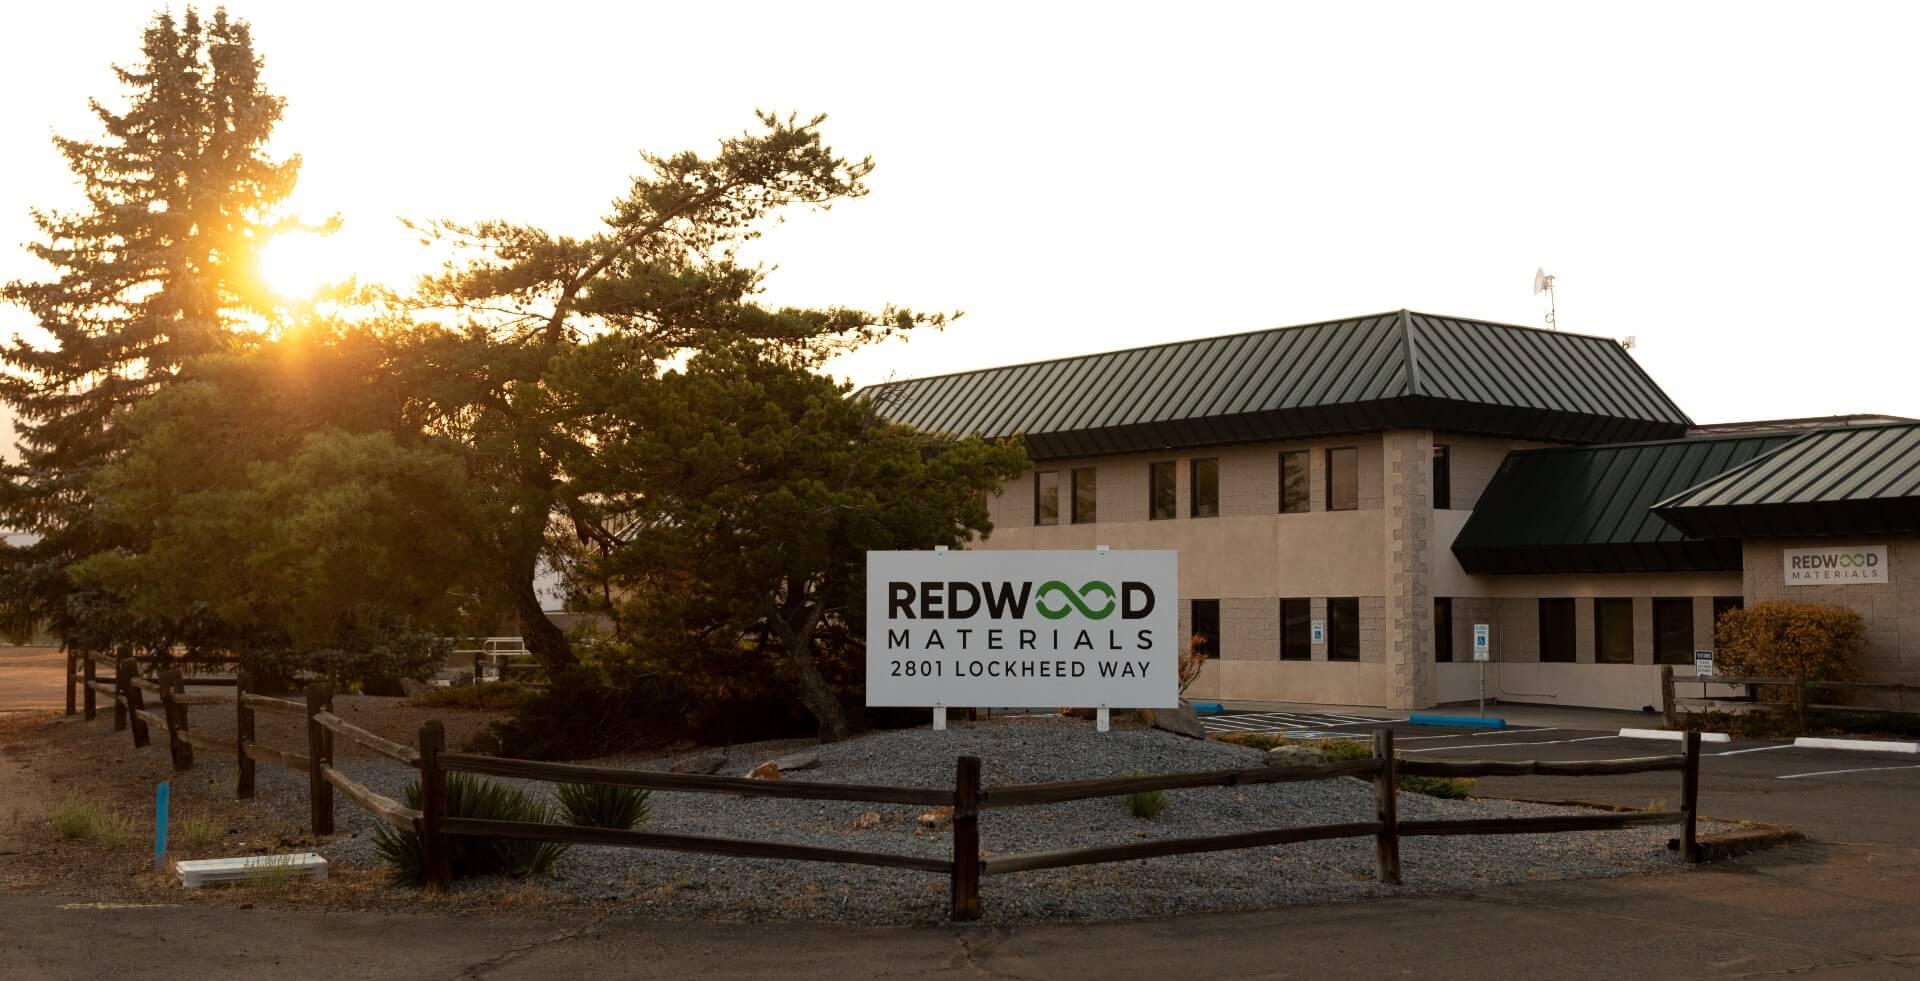 Redwood Materials берет на себя переработку солнечных панелей в новом партнерстве с ERI